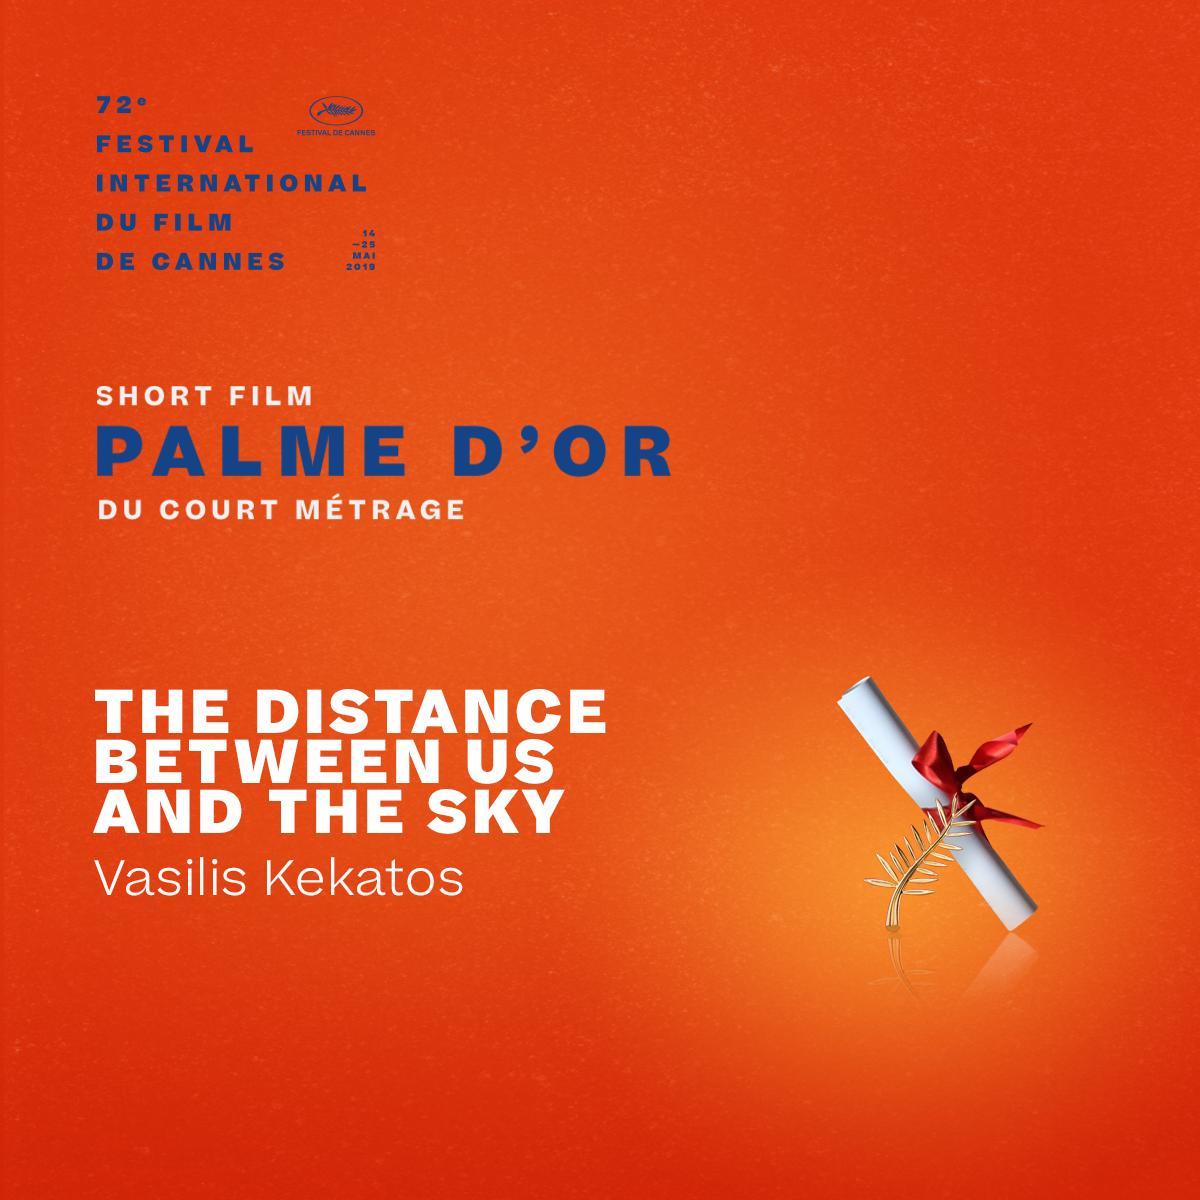 The Short Film Palme d'or winner is… #TheDistanceBetweenUsAndTheSky by Vasilis Kekatos  #Cannes2019 #Awards https://t.co/lKz5r0UiZF